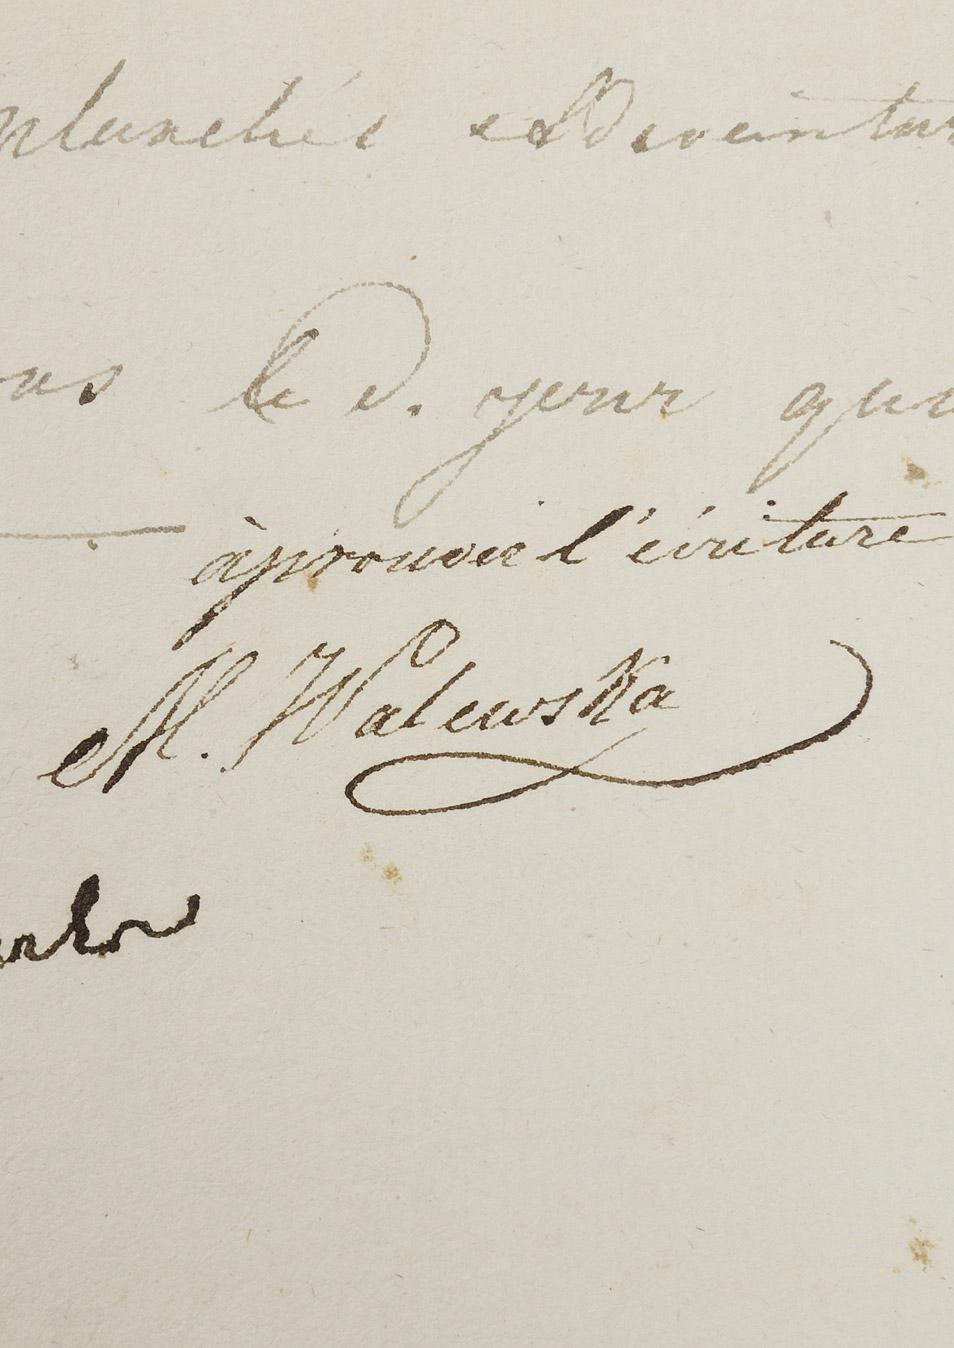 Bail de la maison Walewska, signé par Marie et son frère - Patrimoine Charles-André COLONNA WALEWSKI, en ligne directe de Napoléon